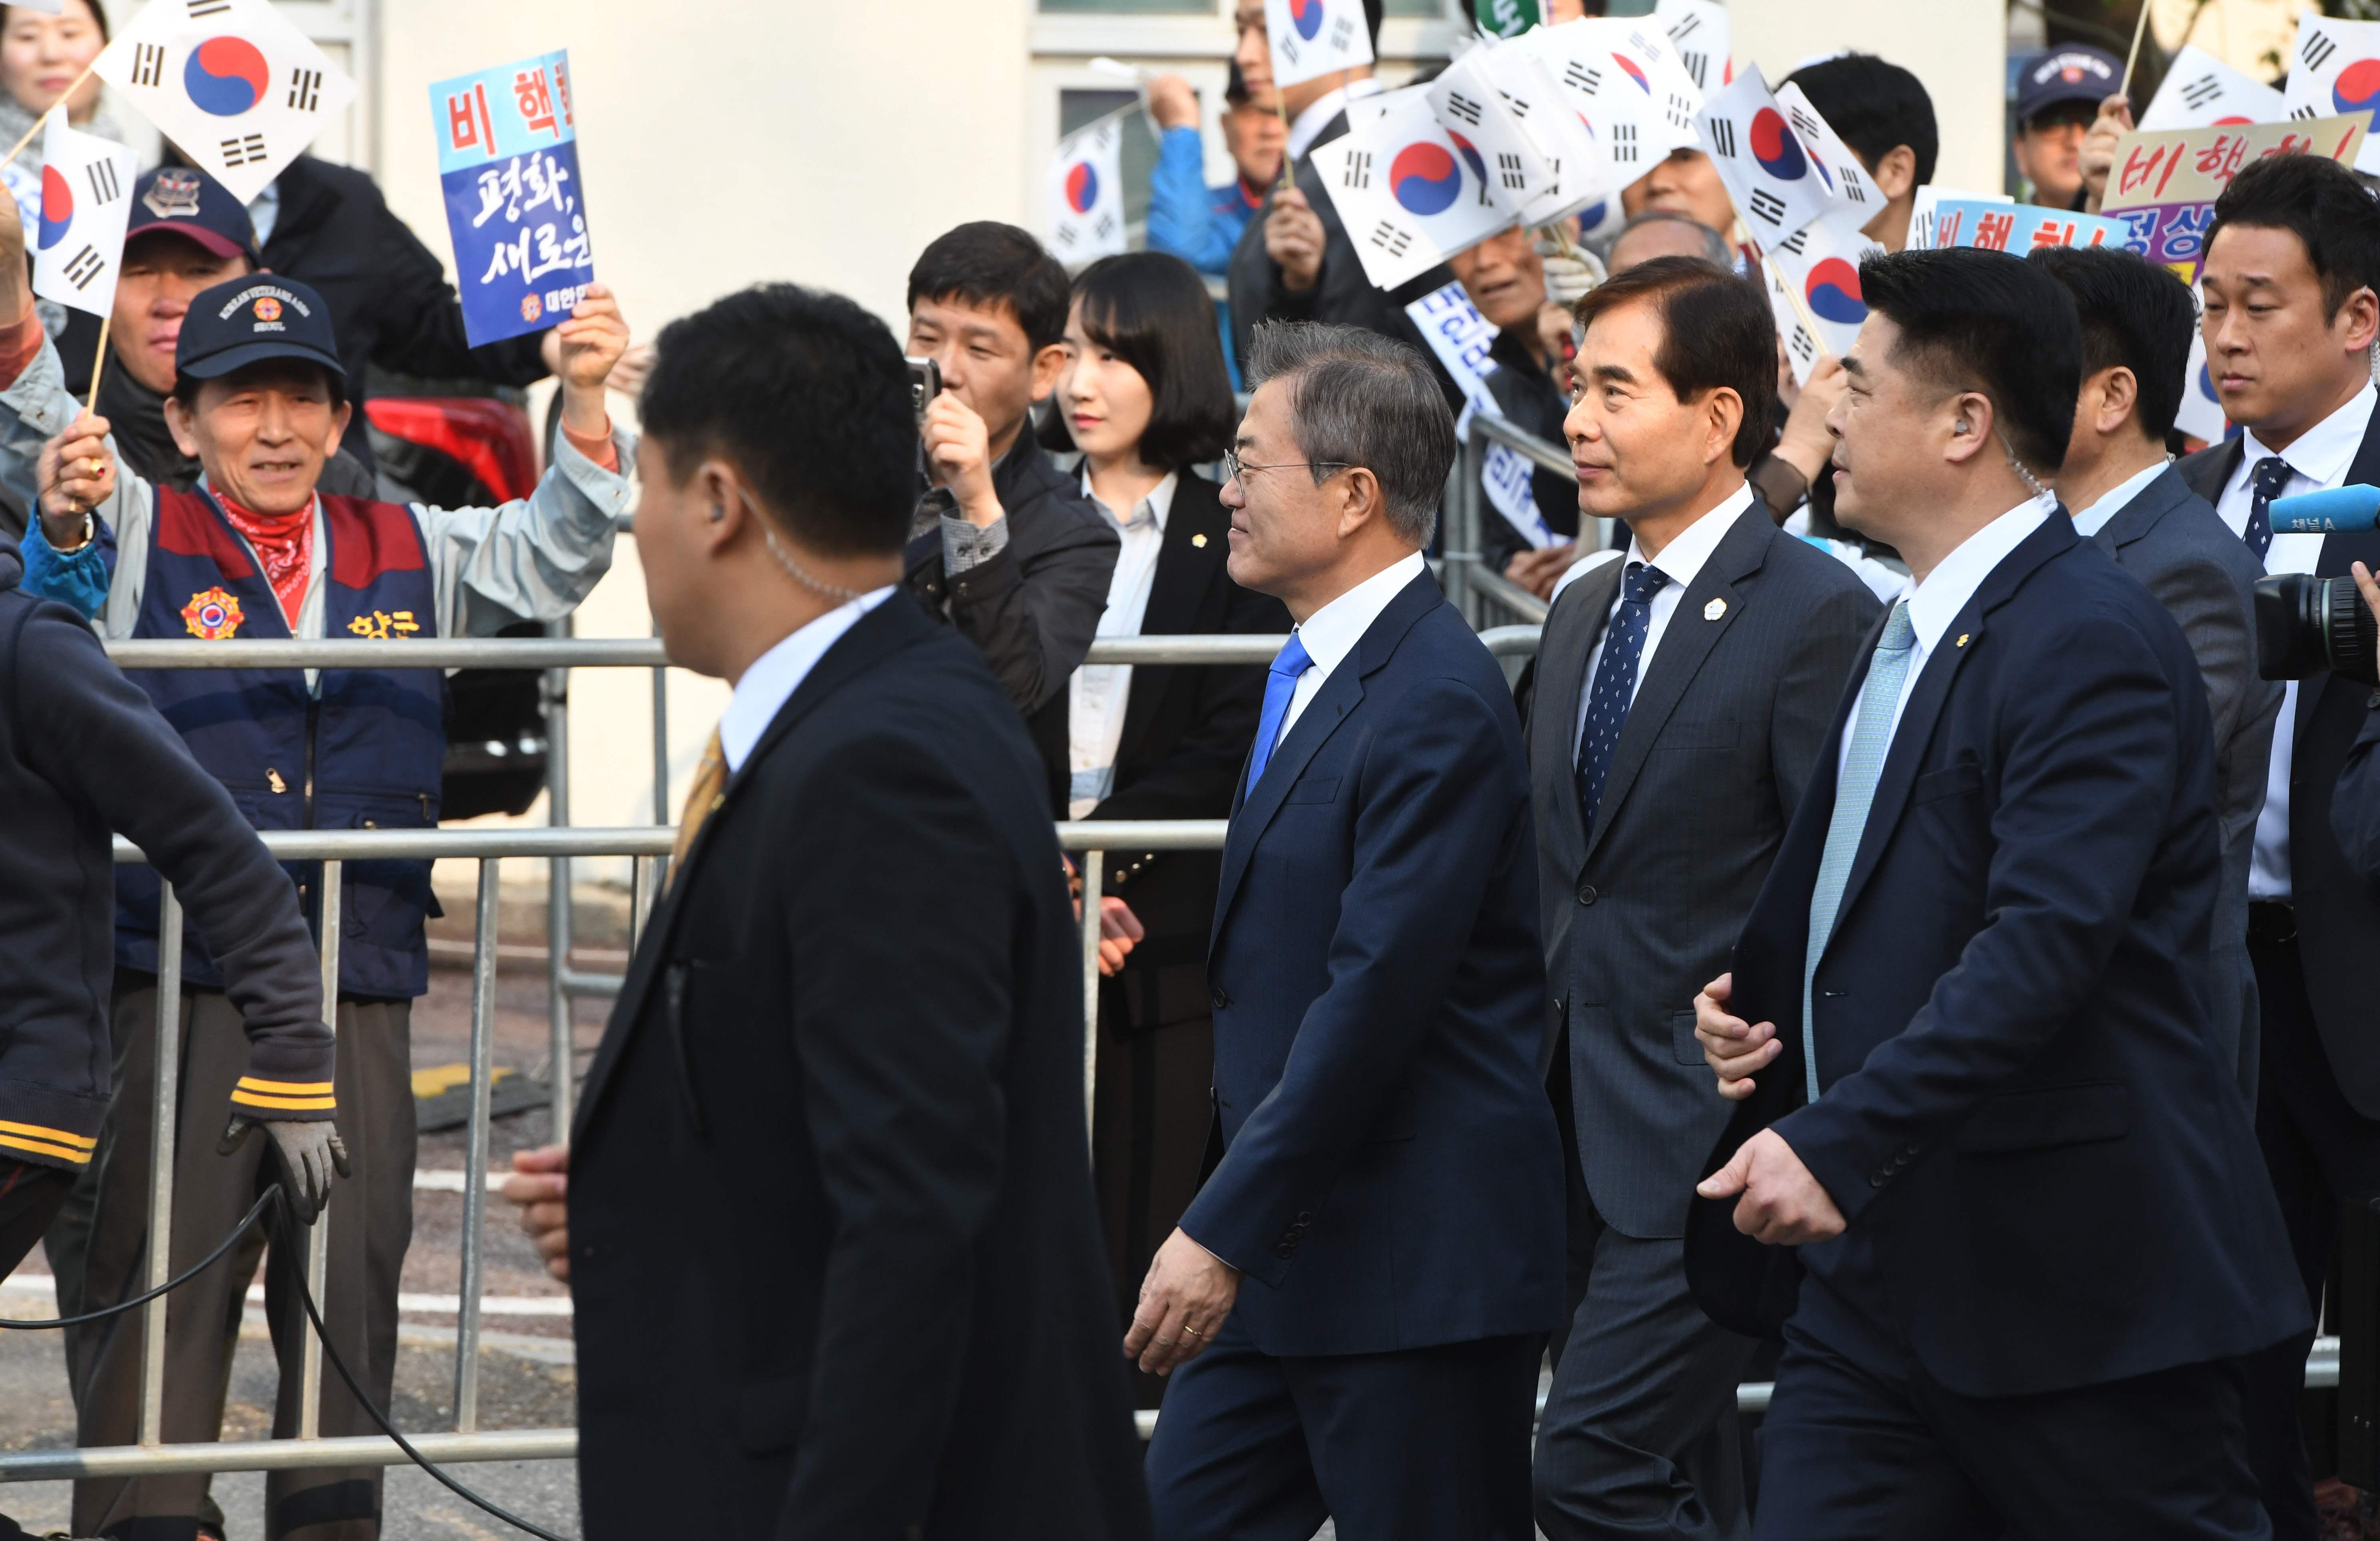 رئيس كوريا الجنوبية وسط انصاره